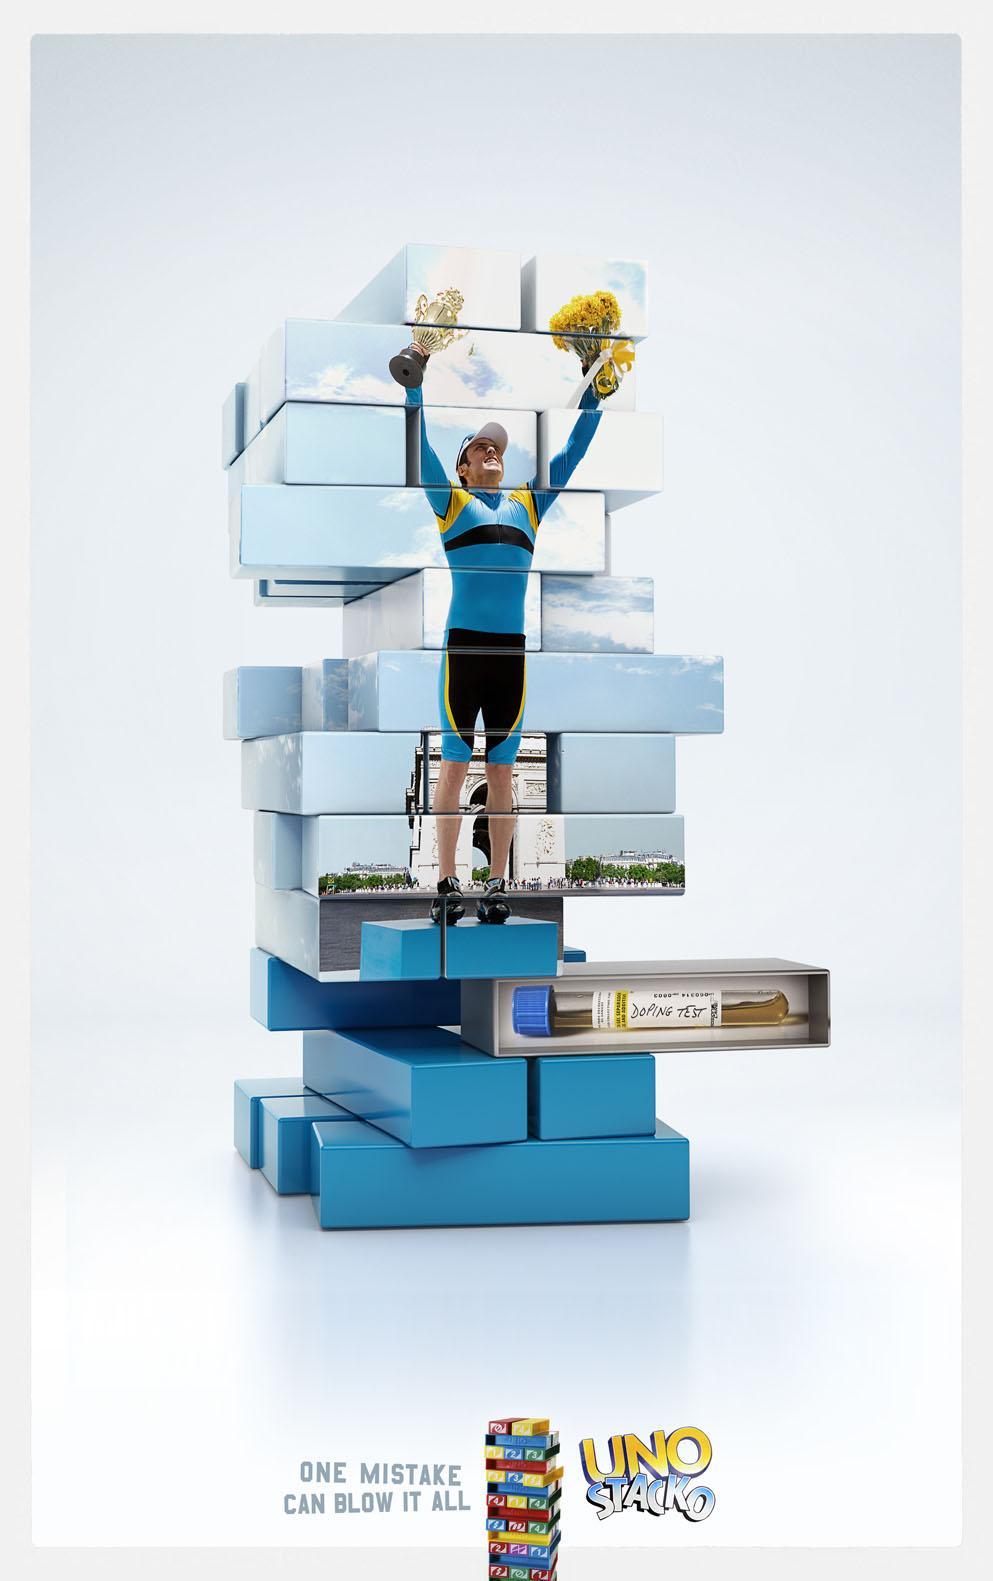 Uno Stacko Print Ad -  Cyclist